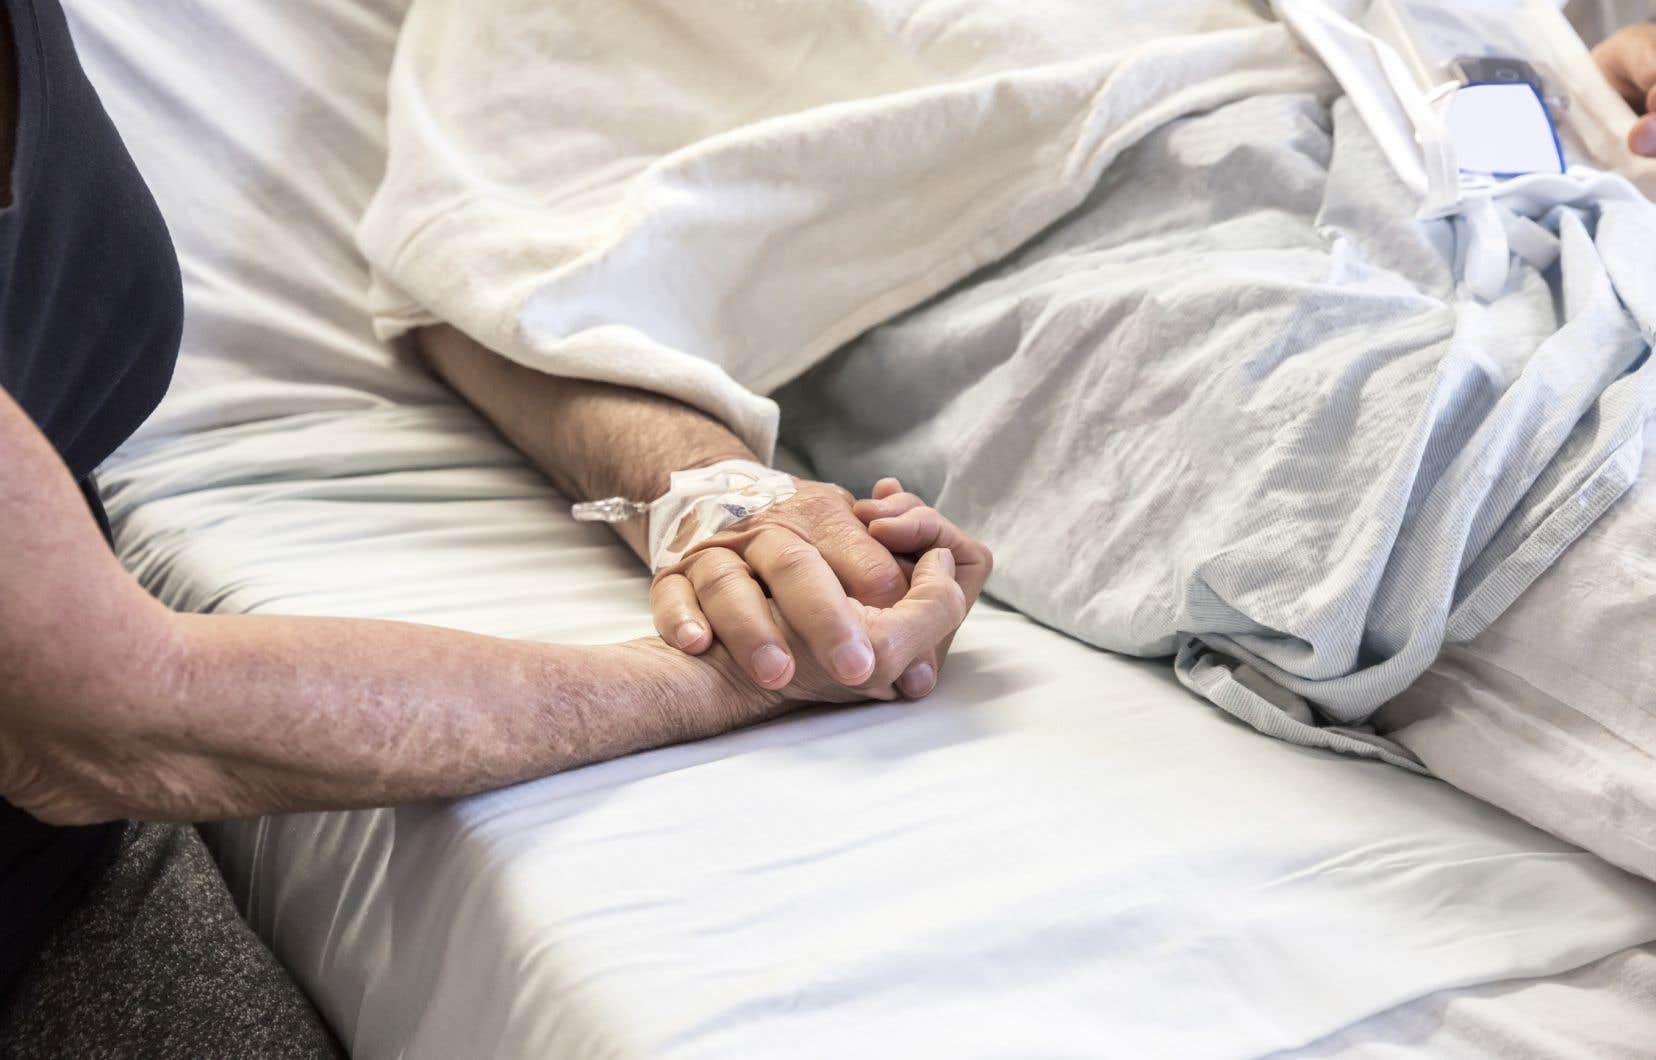 Le critère de fin de vie était difficile à évaluer, selon la ministre Danielle McCann.